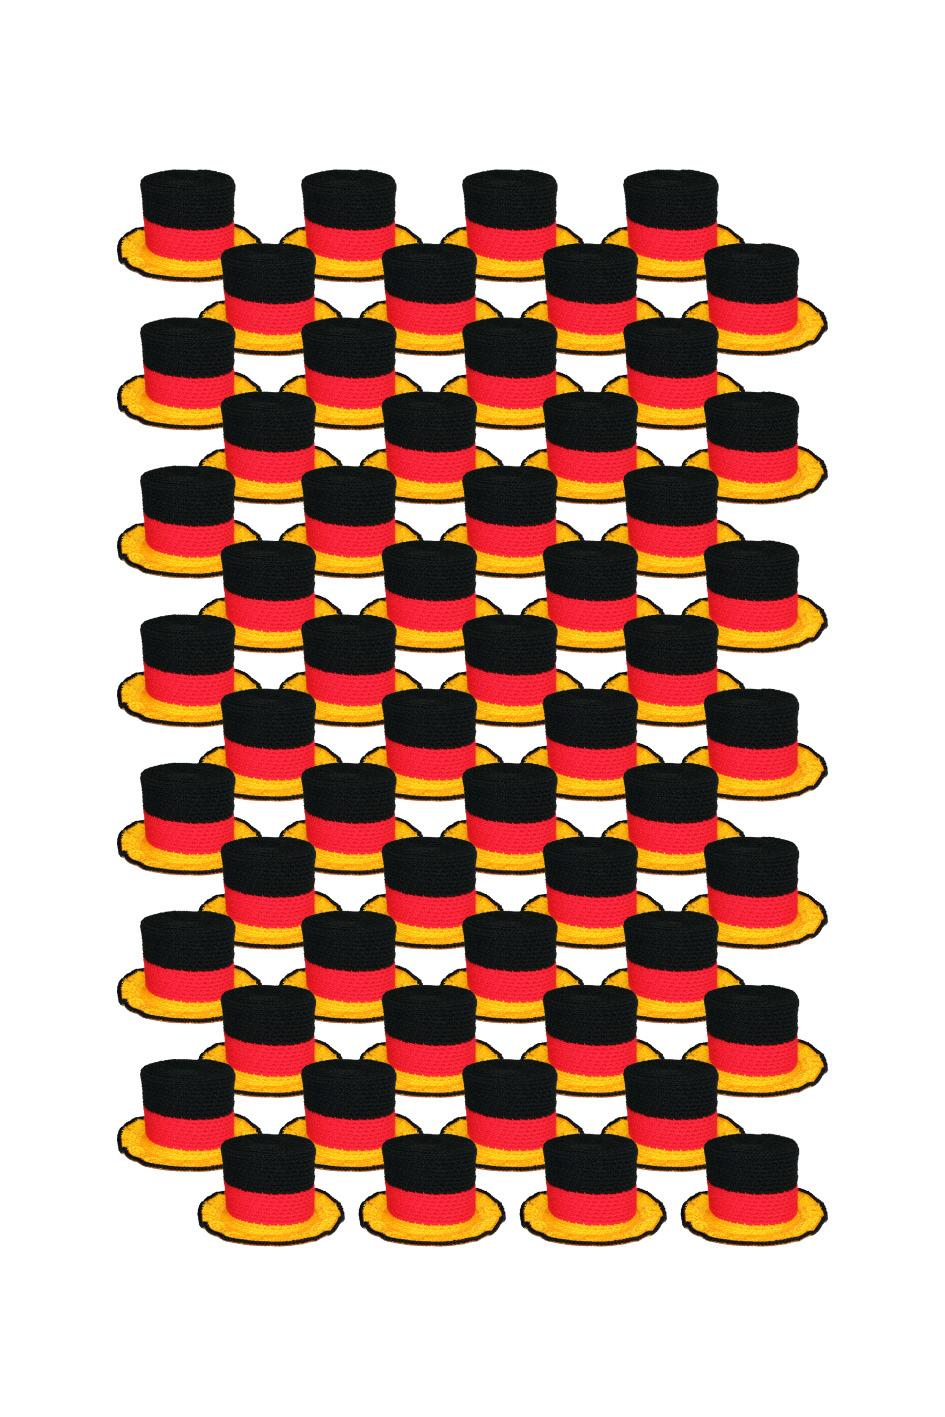 Markus-Feiler_STOCK-UP_1_Kunst_art_Kuenstler_artist.jpg